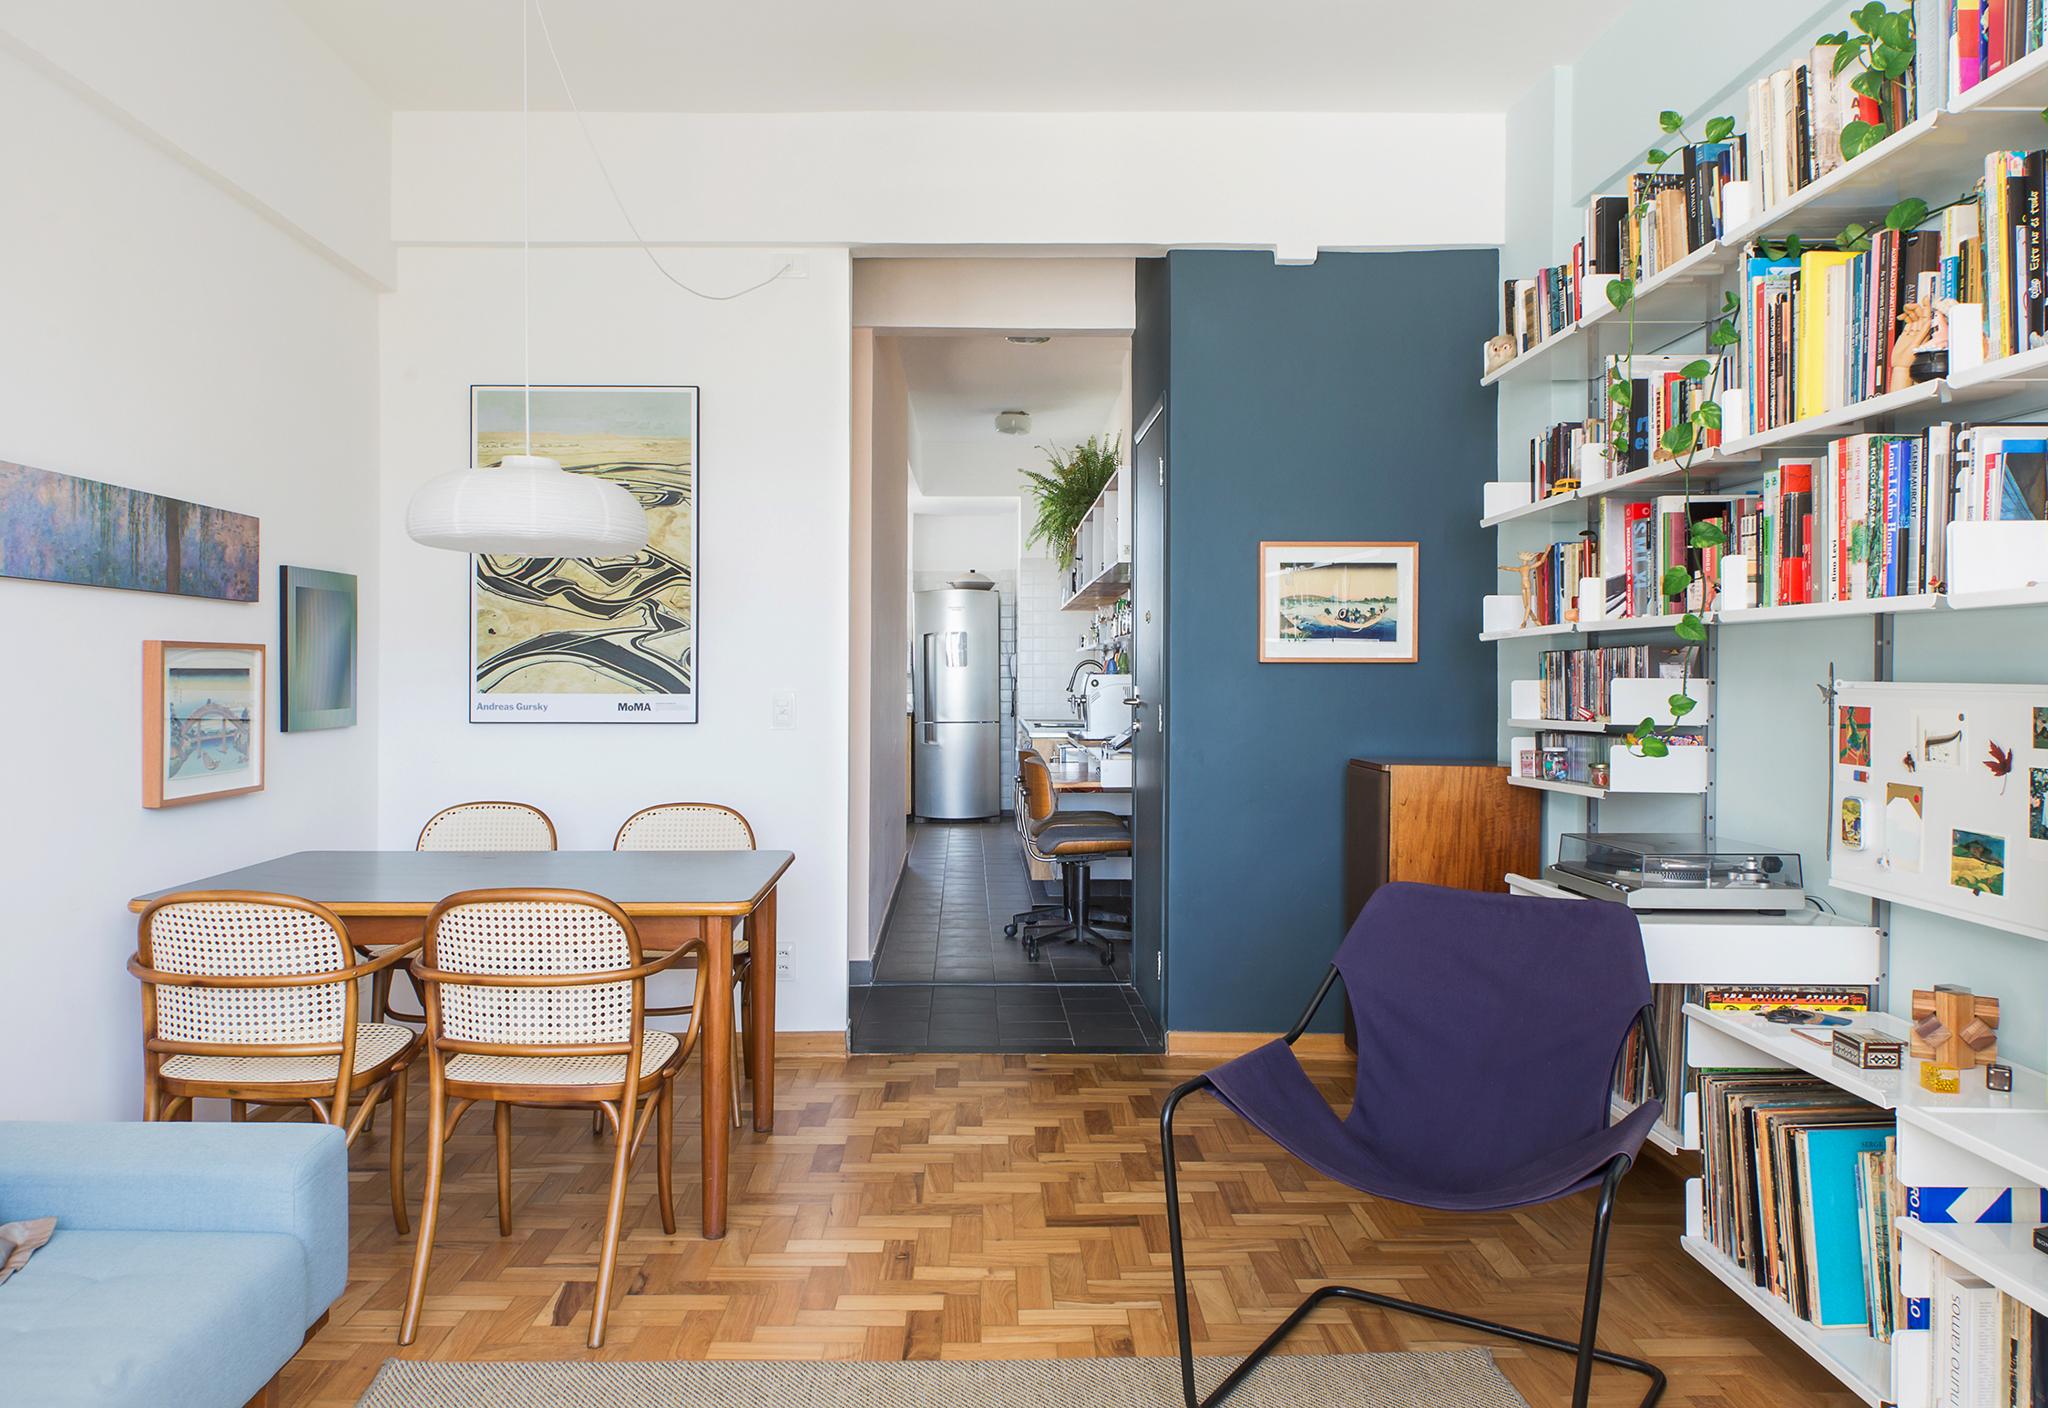 Sala de apartamento pequena com paredes coloridas